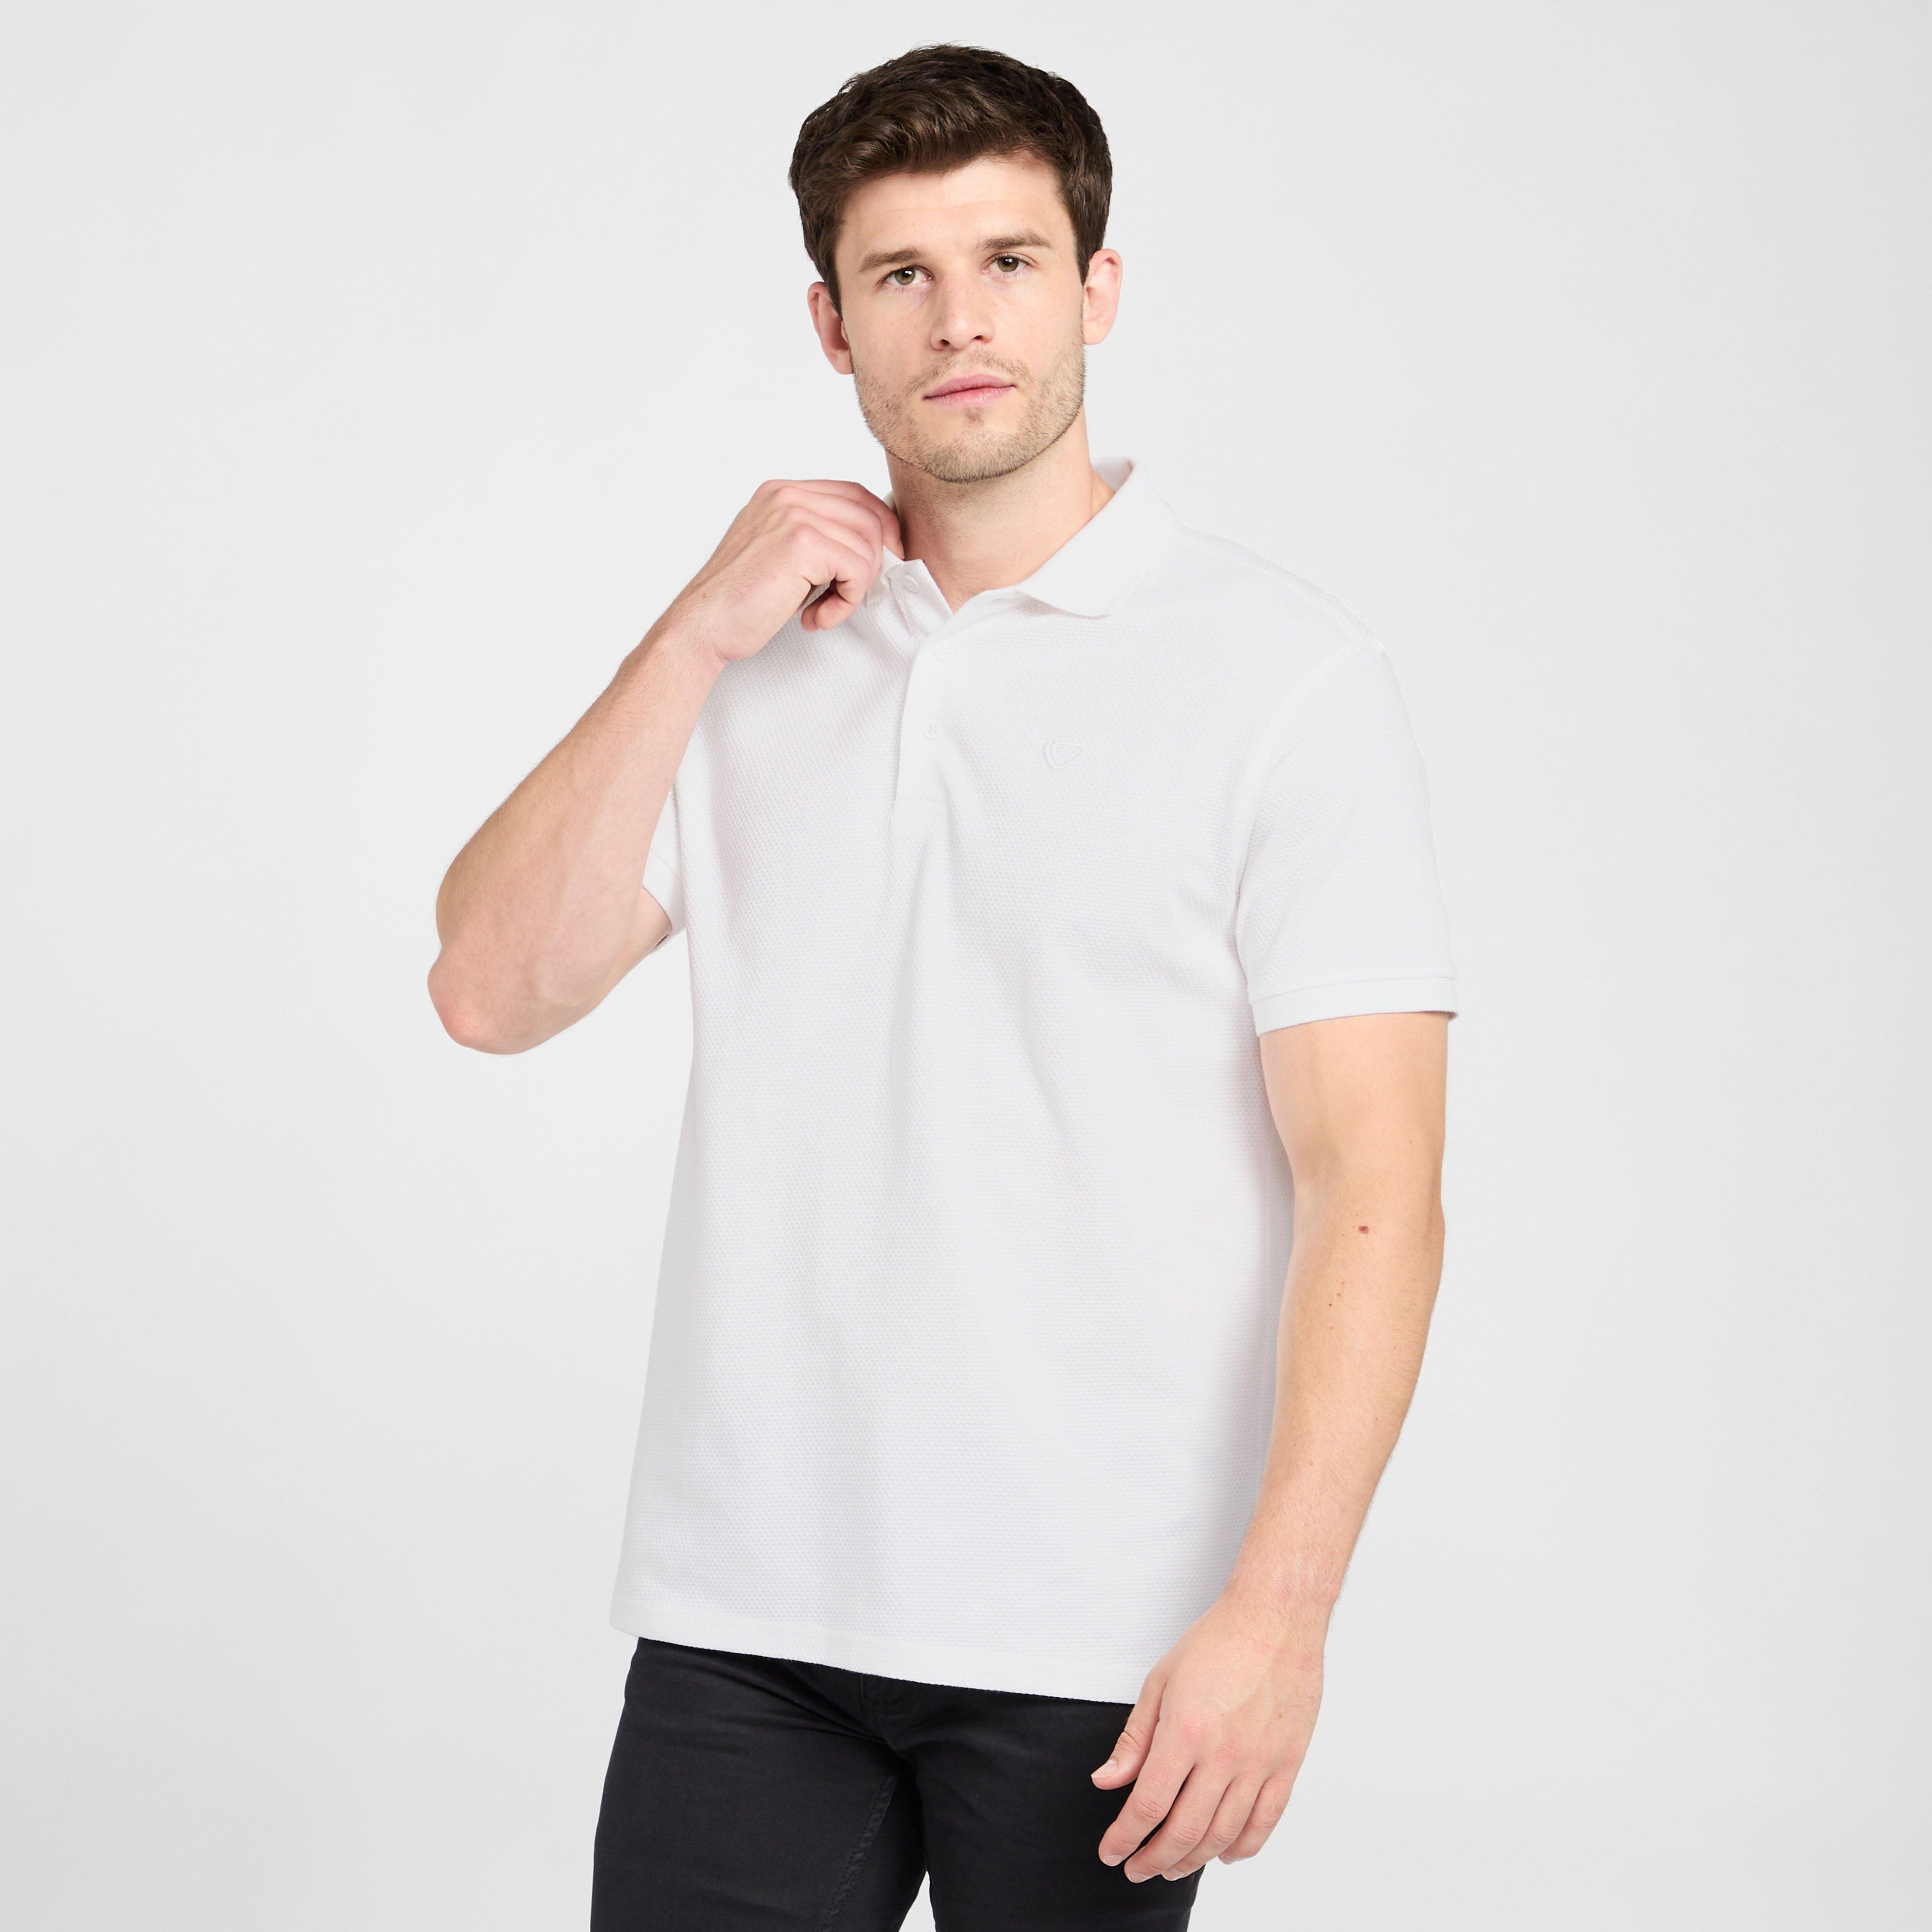 Brasher Mens Polo Shirt - White/wht  White/wht